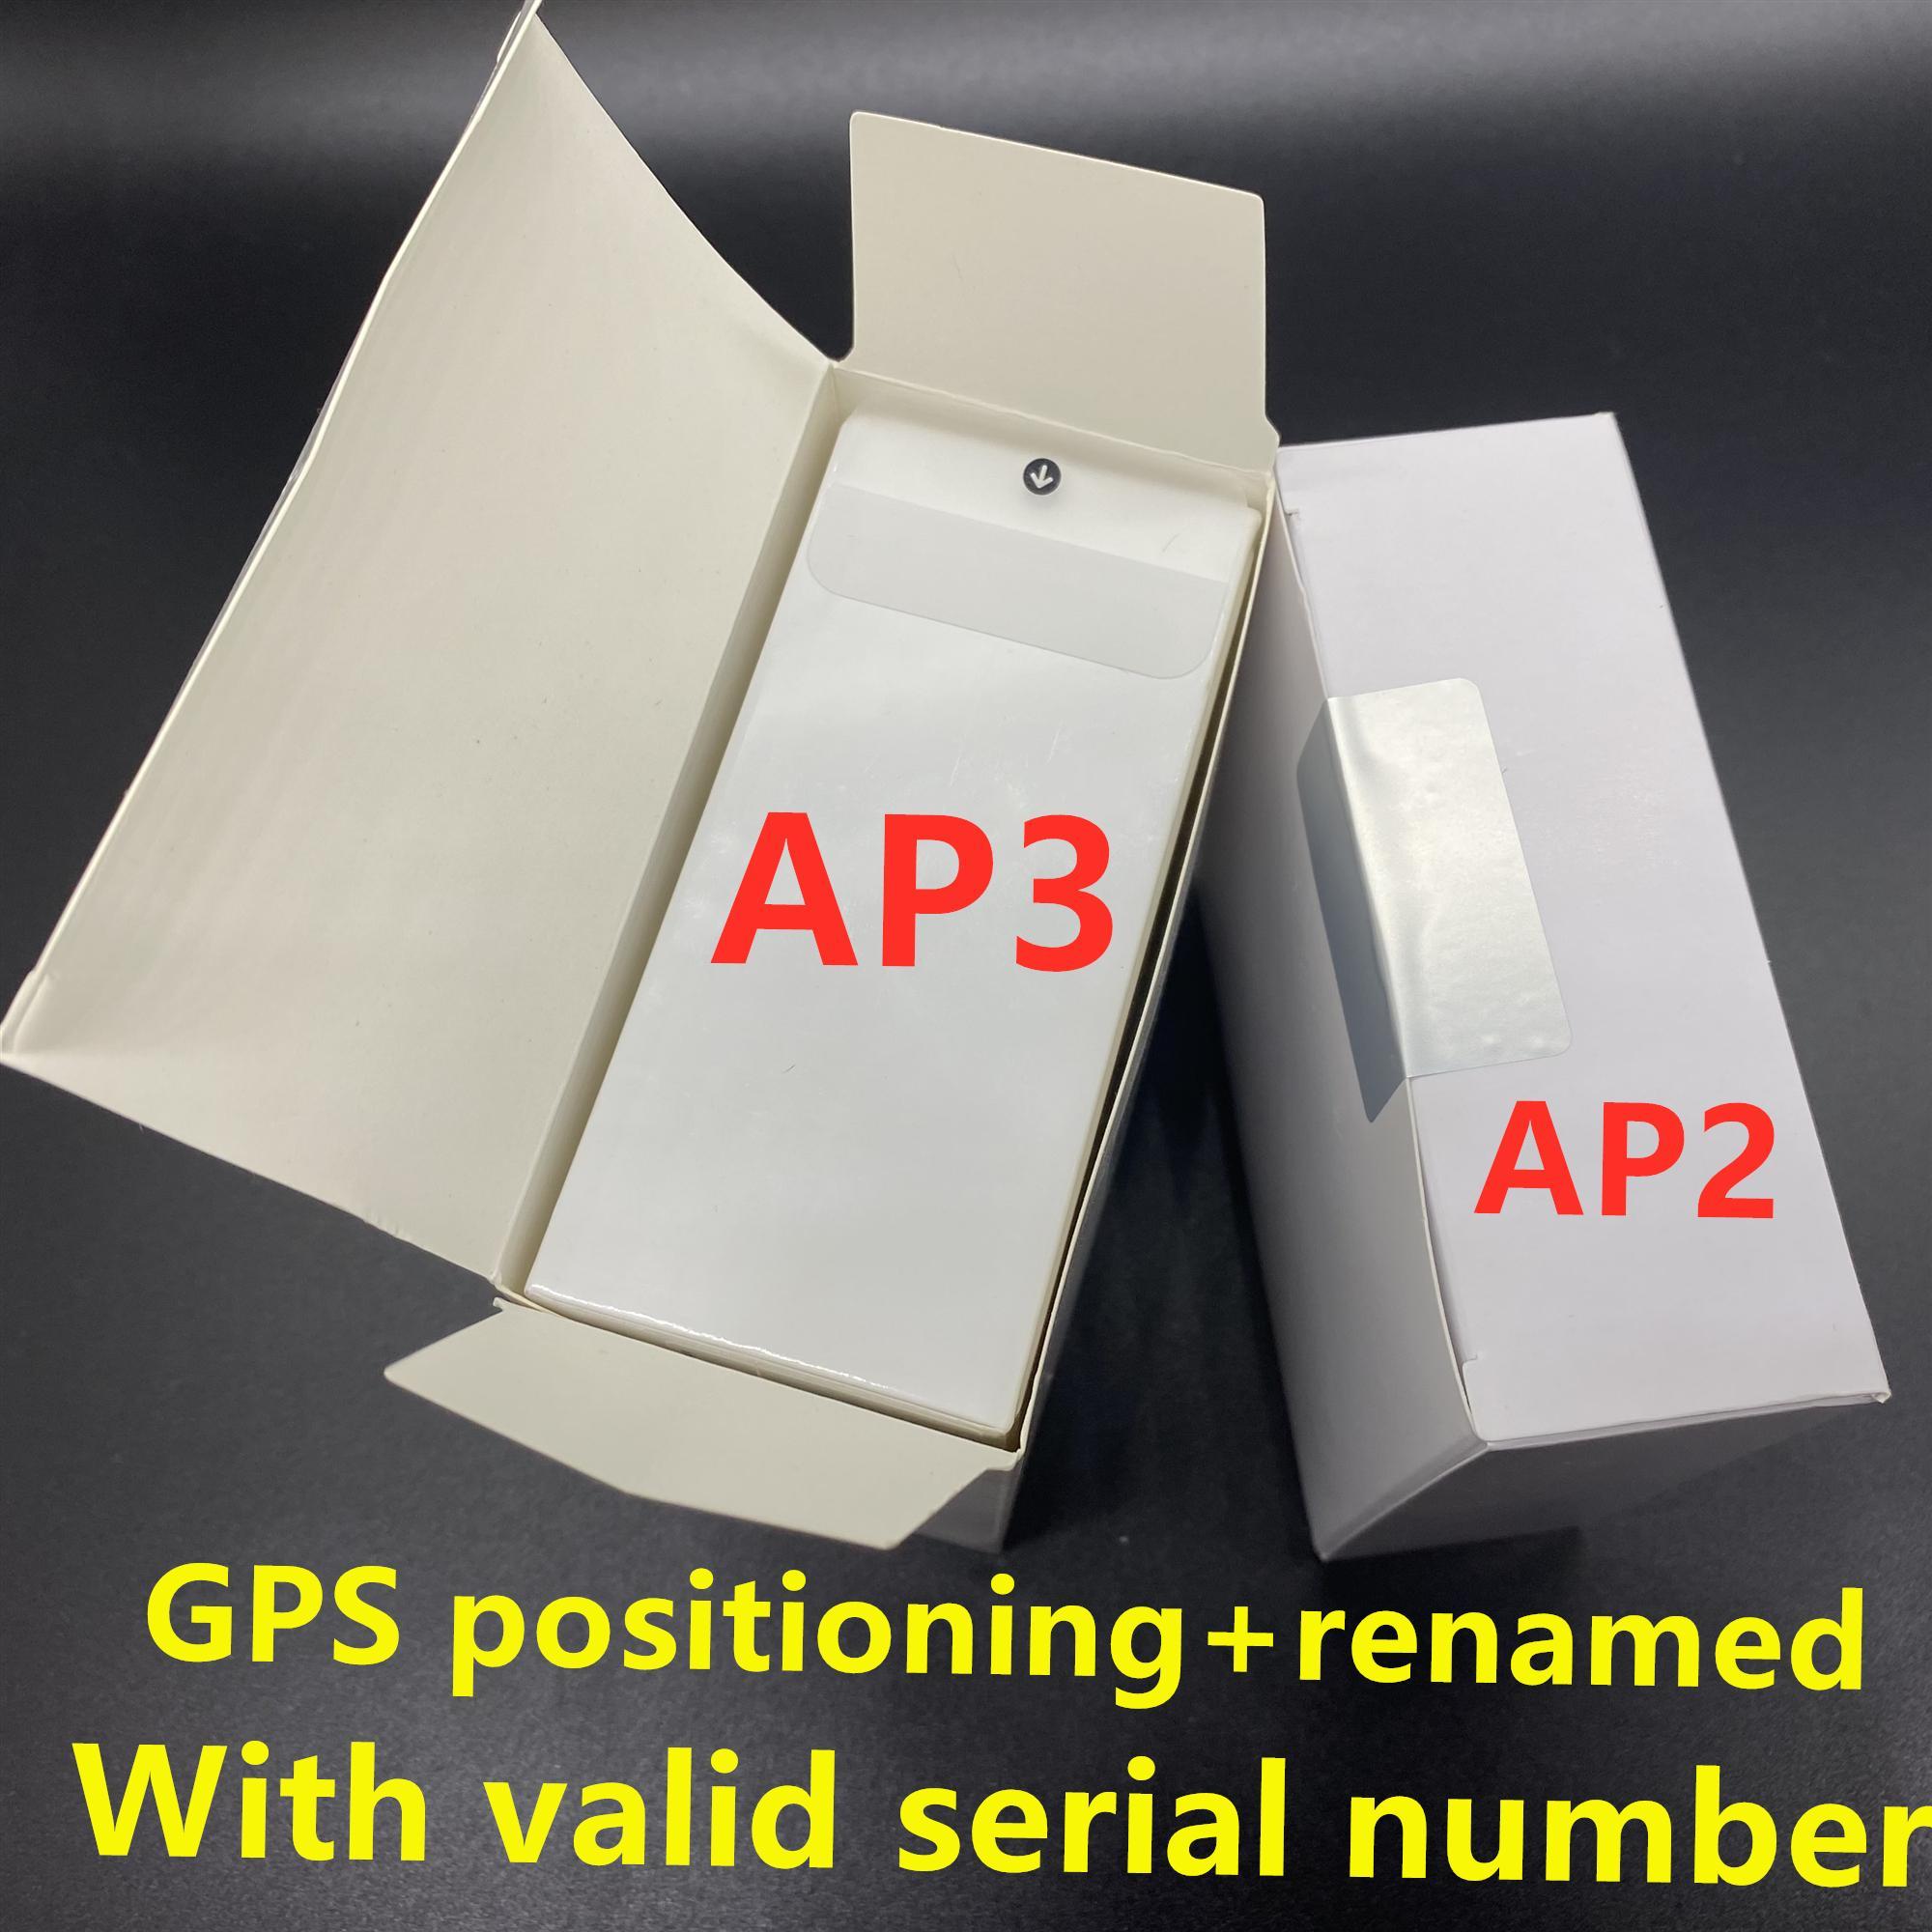 3pcs DHL UPS écouteurs sans puce H1 Gps Rename Air Ap3 pro Ap2 Tws Gen 2 pods fenêtre pop-up Bluetooth Casque épluchage automatique Wirele charge